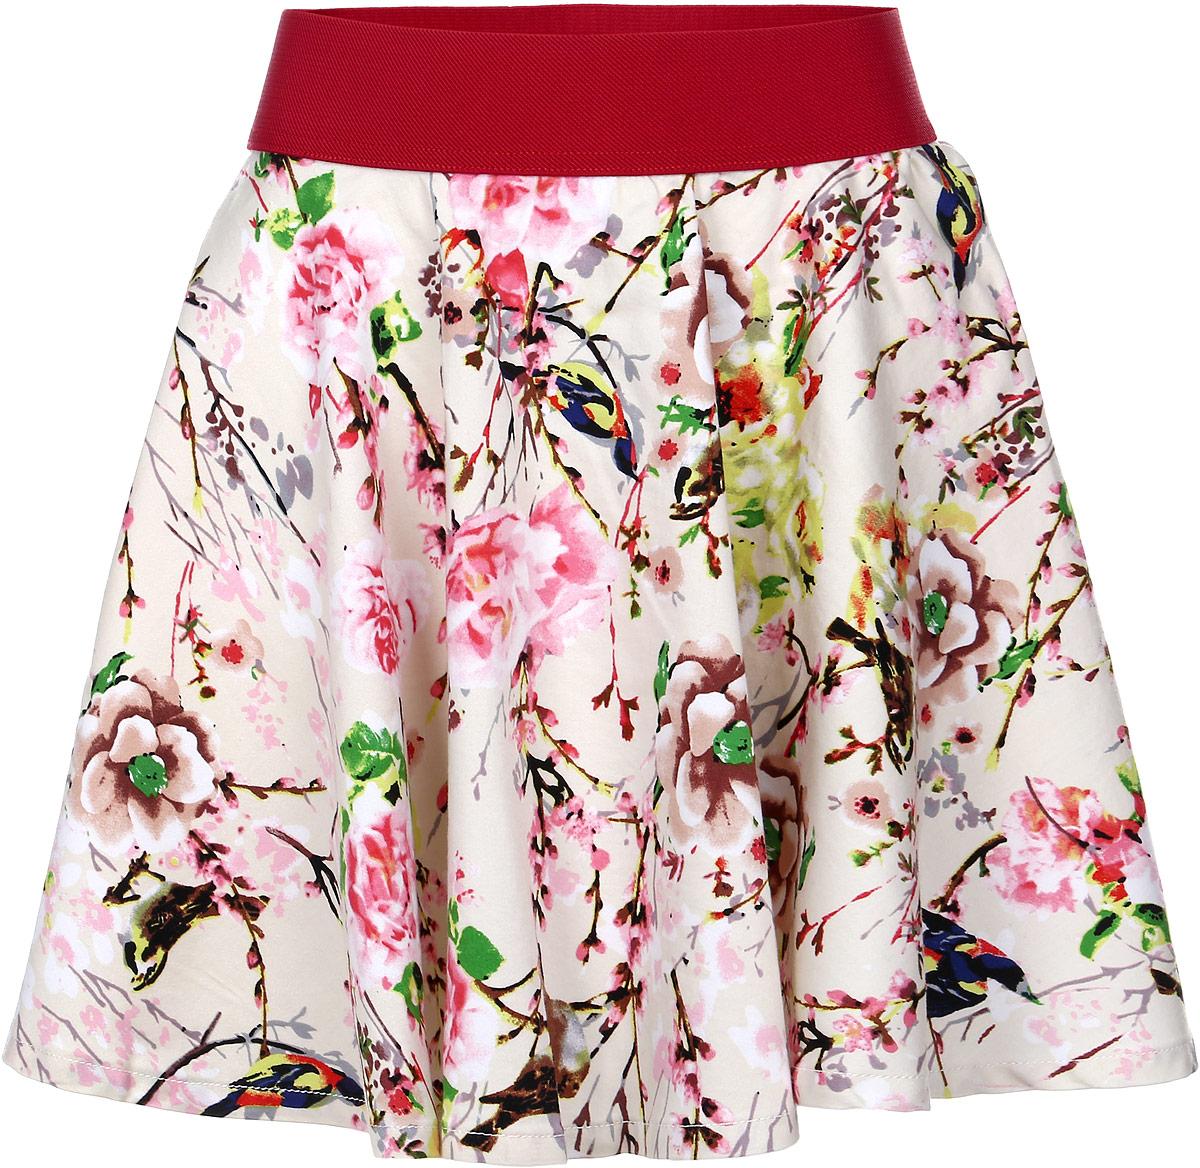 SS161G422-5Яркая юбка для девочки Nota Bene идеально подойдет вашей моднице и станет отличным дополнением к летнему гардеробу. Изготовленная из эластичного хлопка с добавлением полиэстера, она мягкая и приятная на ощупь, не сковывает движения и позволяет коже дышать, не раздражает нежную кожу ребенка, обеспечивая наибольший комфорт. Модель на поясе имеет широкую эластичную резинку, благодаря чему юбка не сползает и не сдавливает животик ребенка. Юбка-солнце средней длины украшена крупным цветочным принтом. В такой модной юбке ваша принцесса будет чувствовать себя комфортно, уютно и всегда будет в центре внимания!